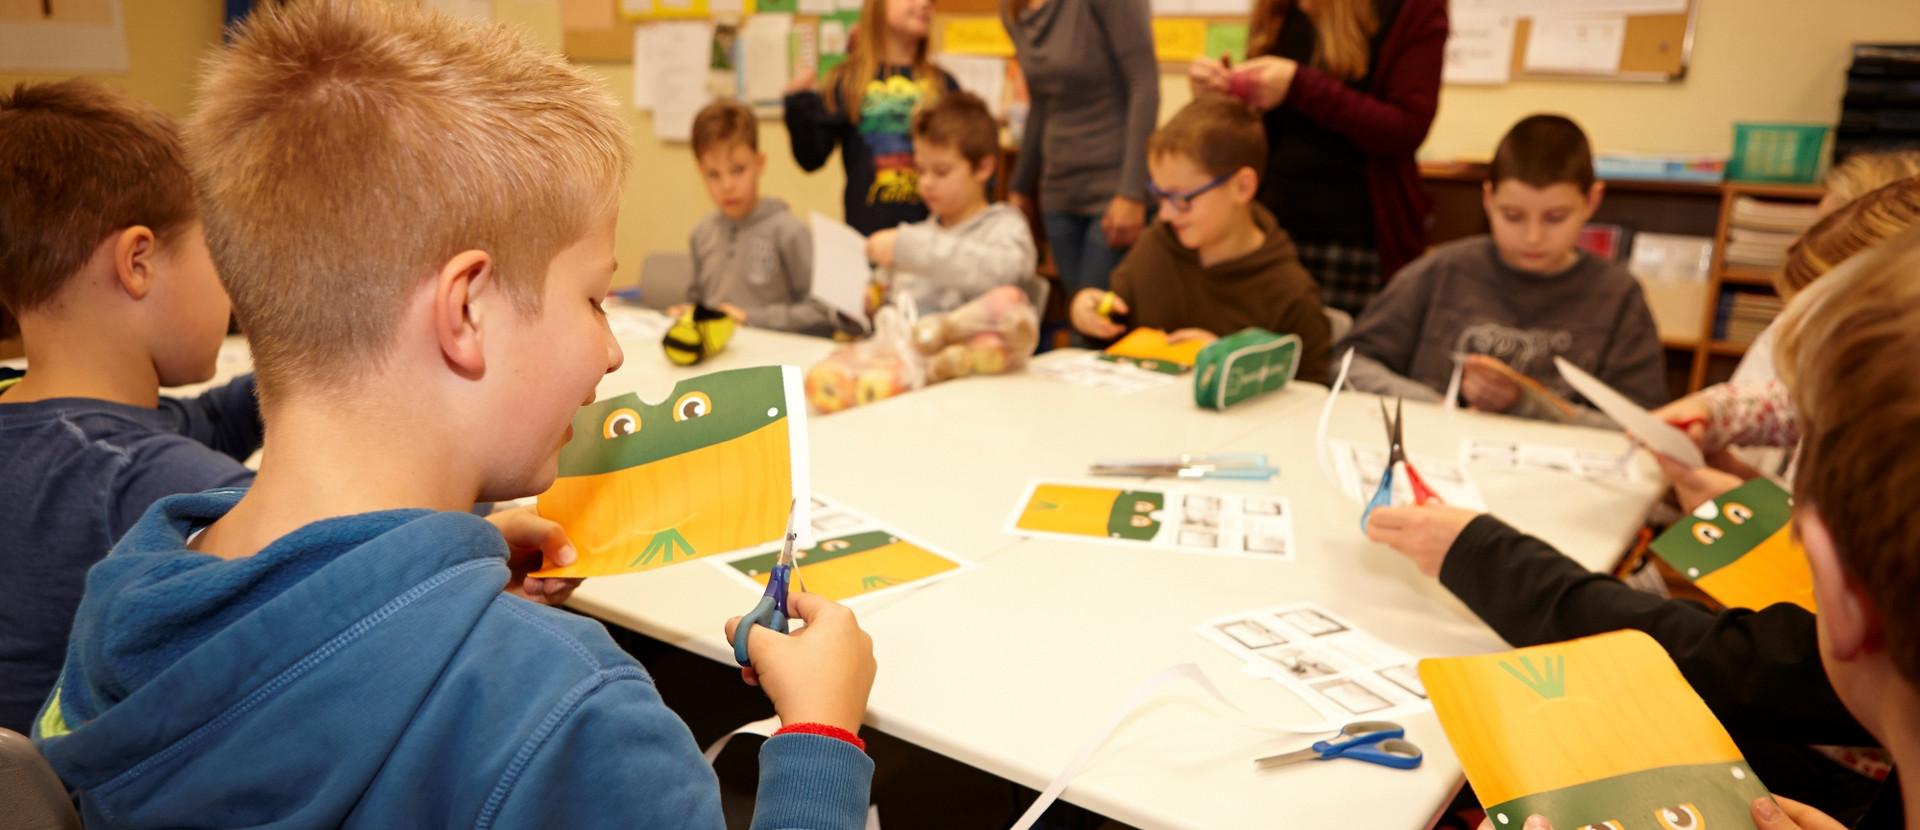 Kinder sitzen am Tisch und schneiden Masken aus